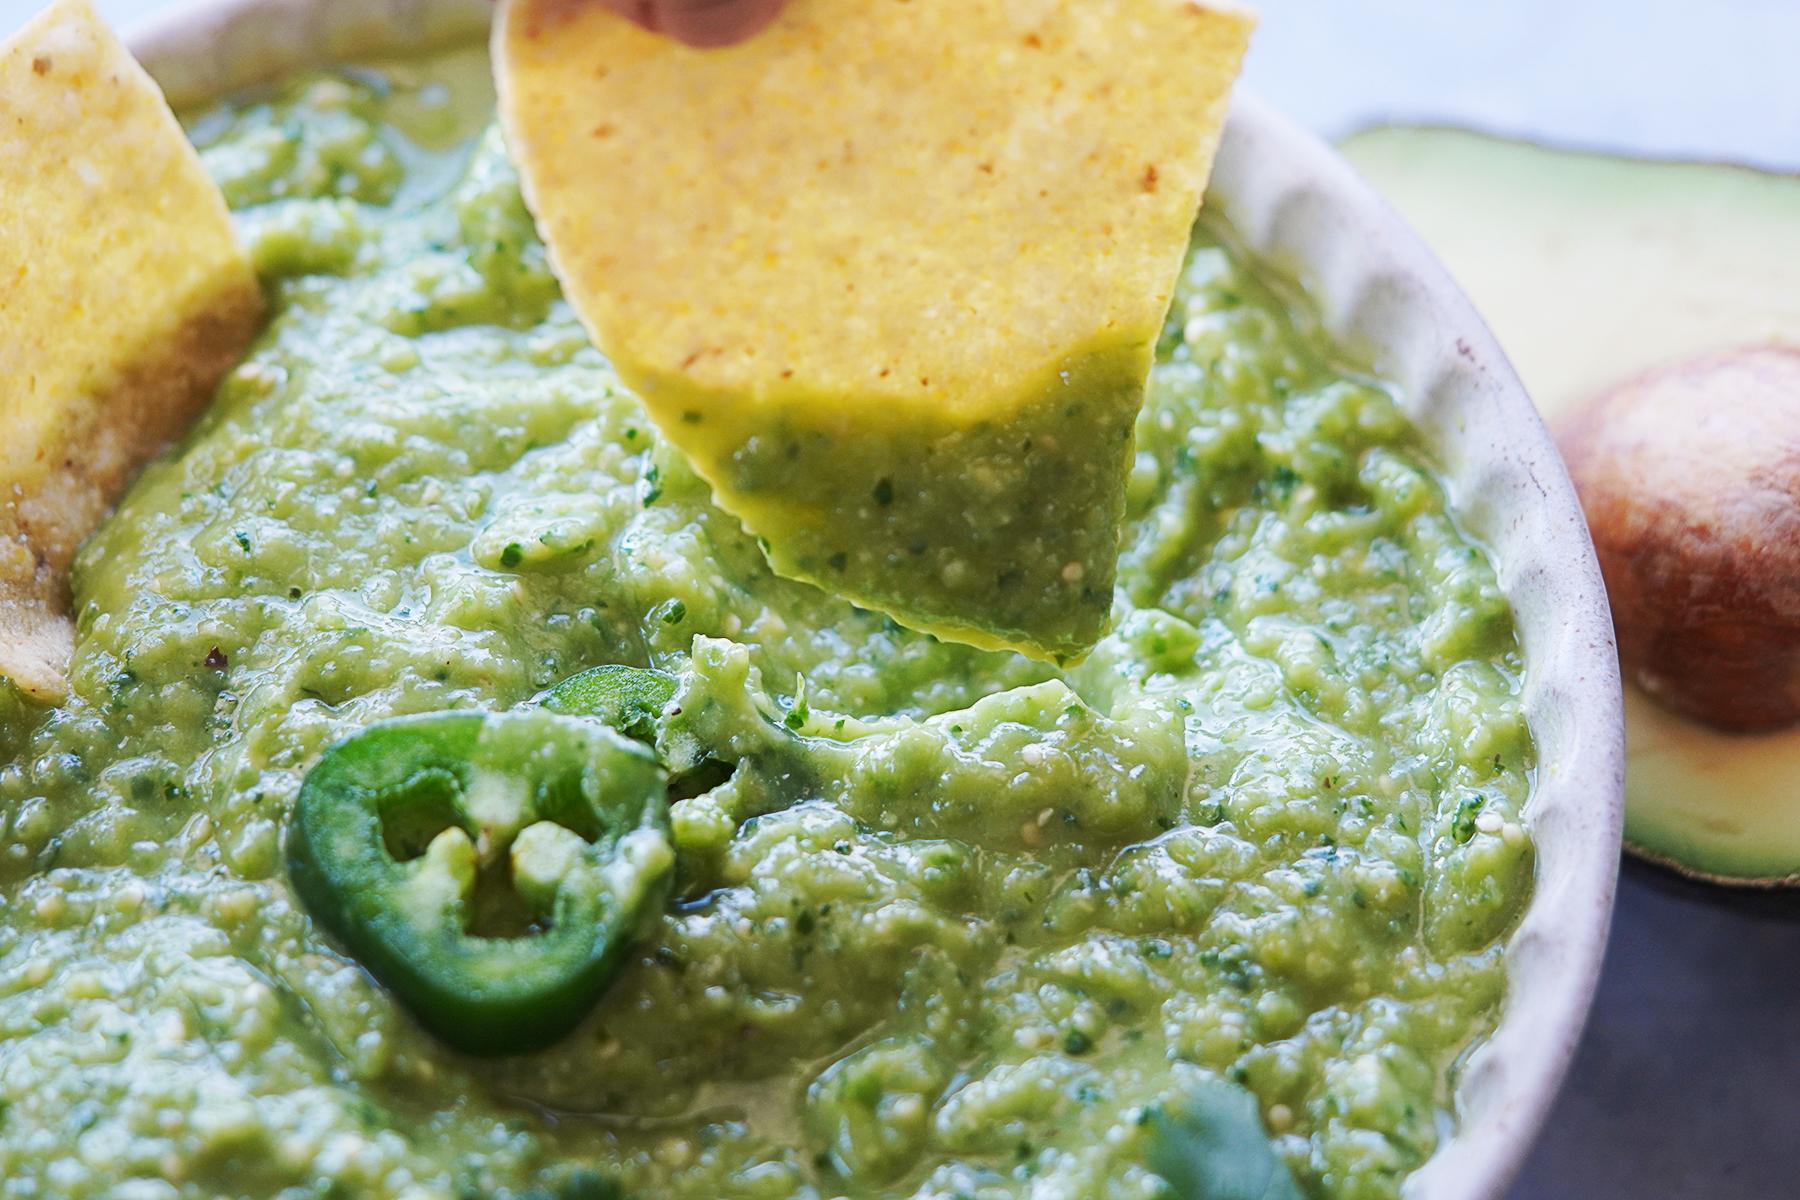 A tortilla chip dipping into Salsa De Aguacate